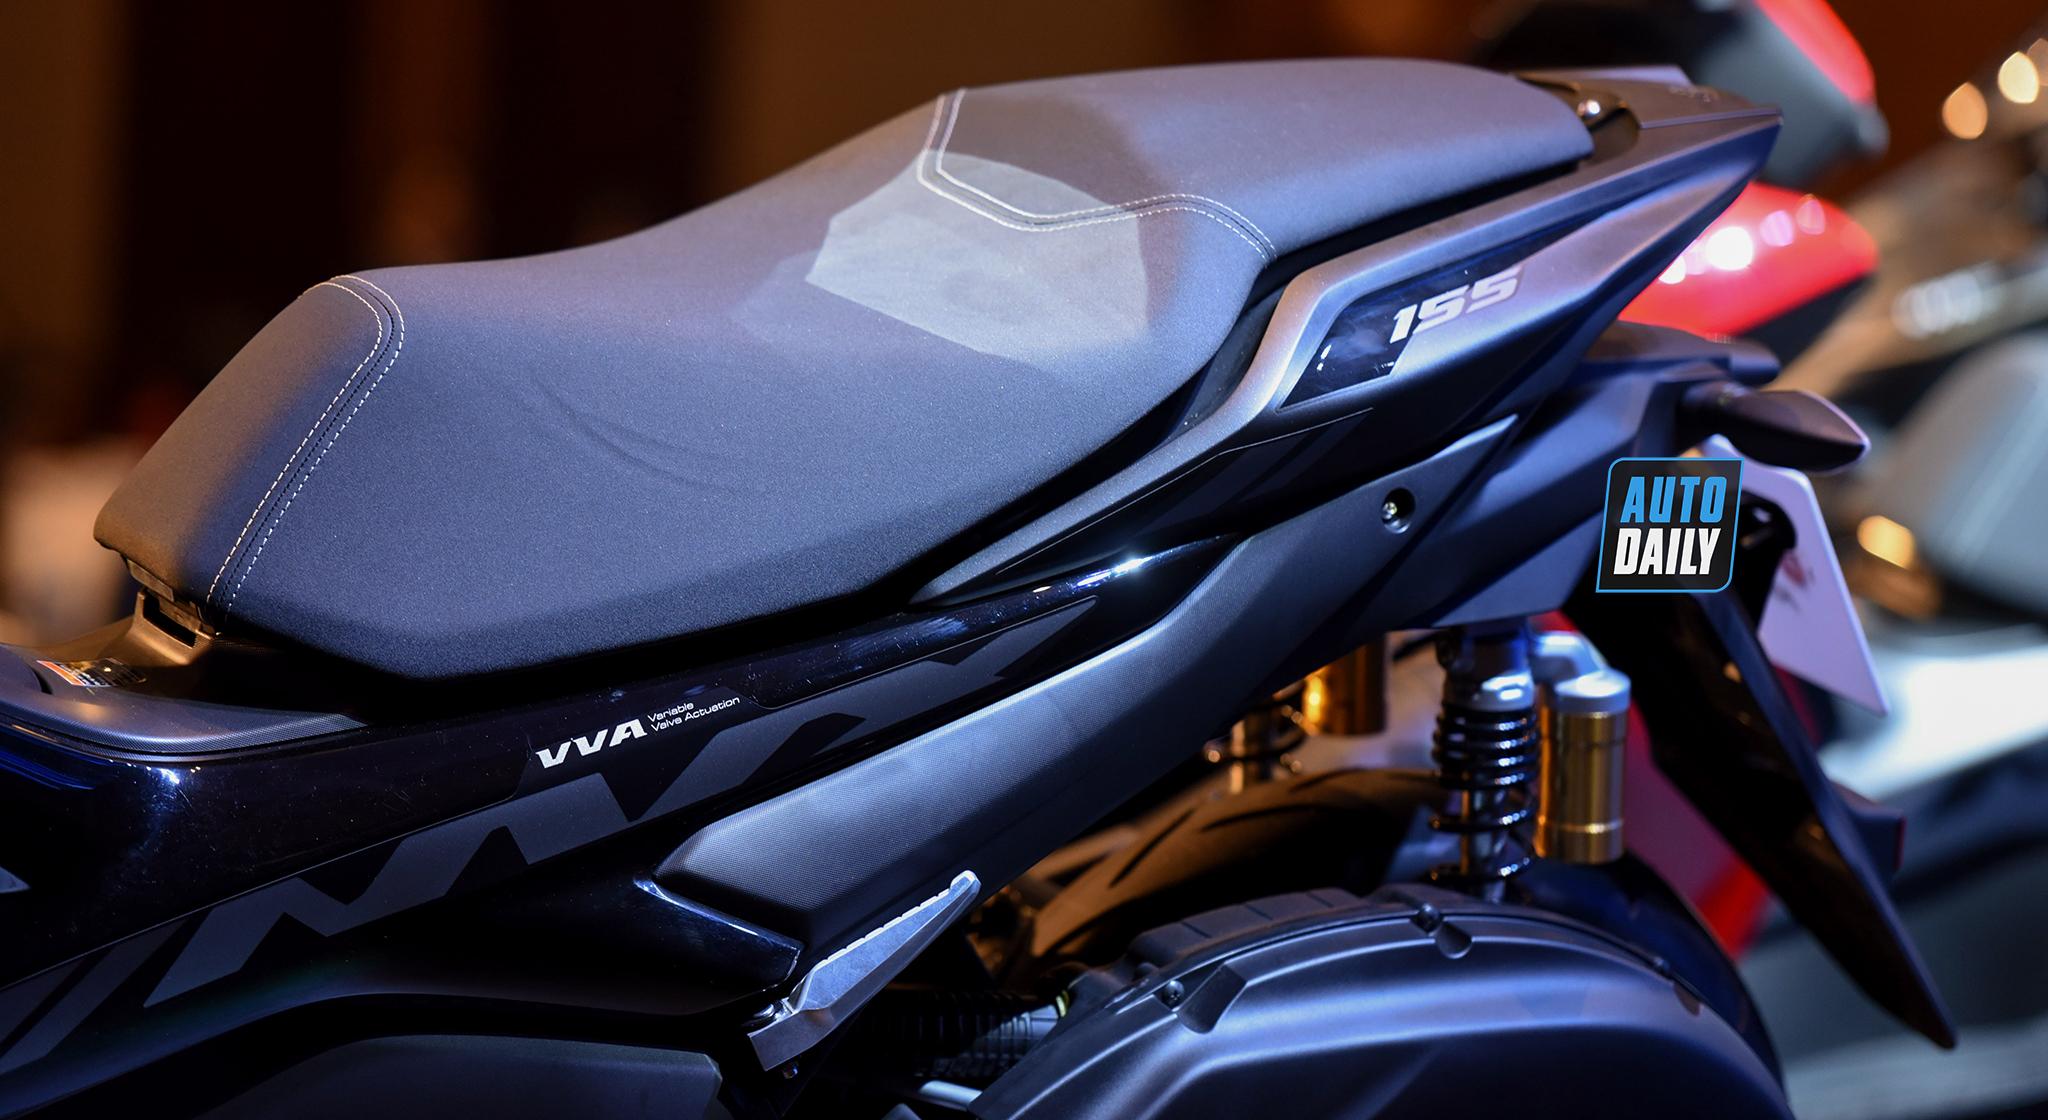 Yamaha NVX 155 VVA 2021 ra mắt, giá không đổi dsc-5524-copy.jpg